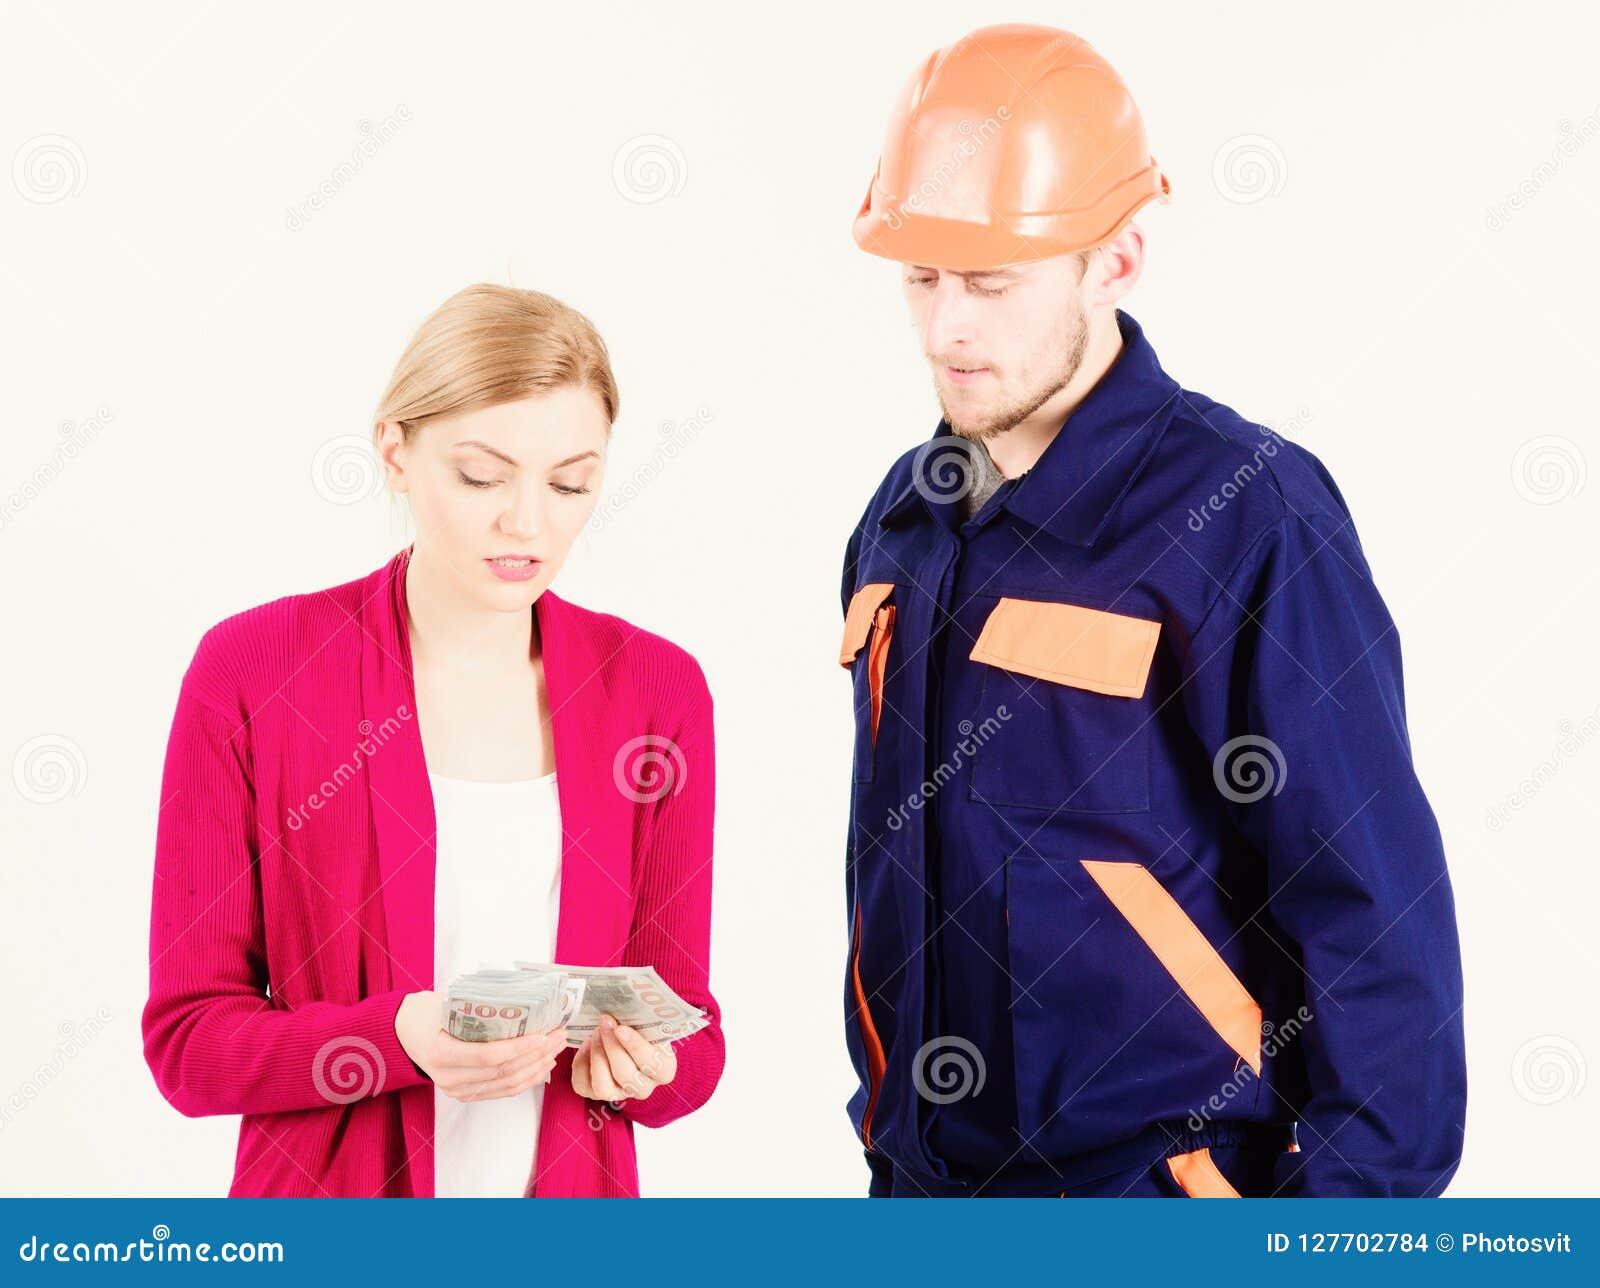 Клиент дает деньги к ремонтнику, построителю, механику с toolbox